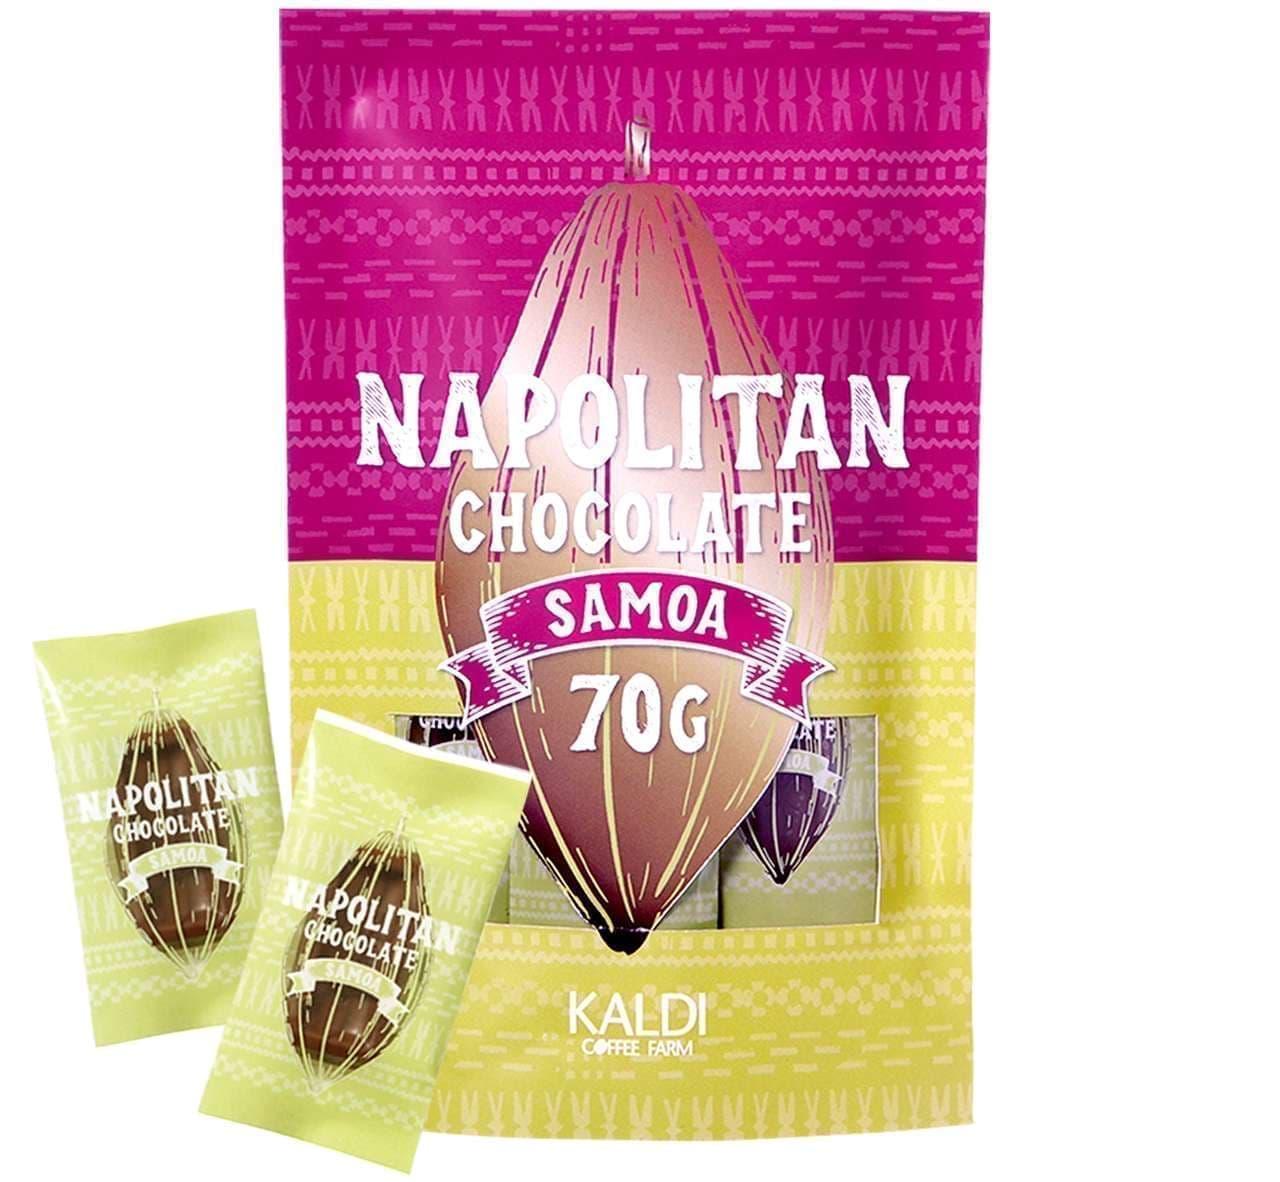 カルディ「オリジナル ナポリタンチョコレート サモア」